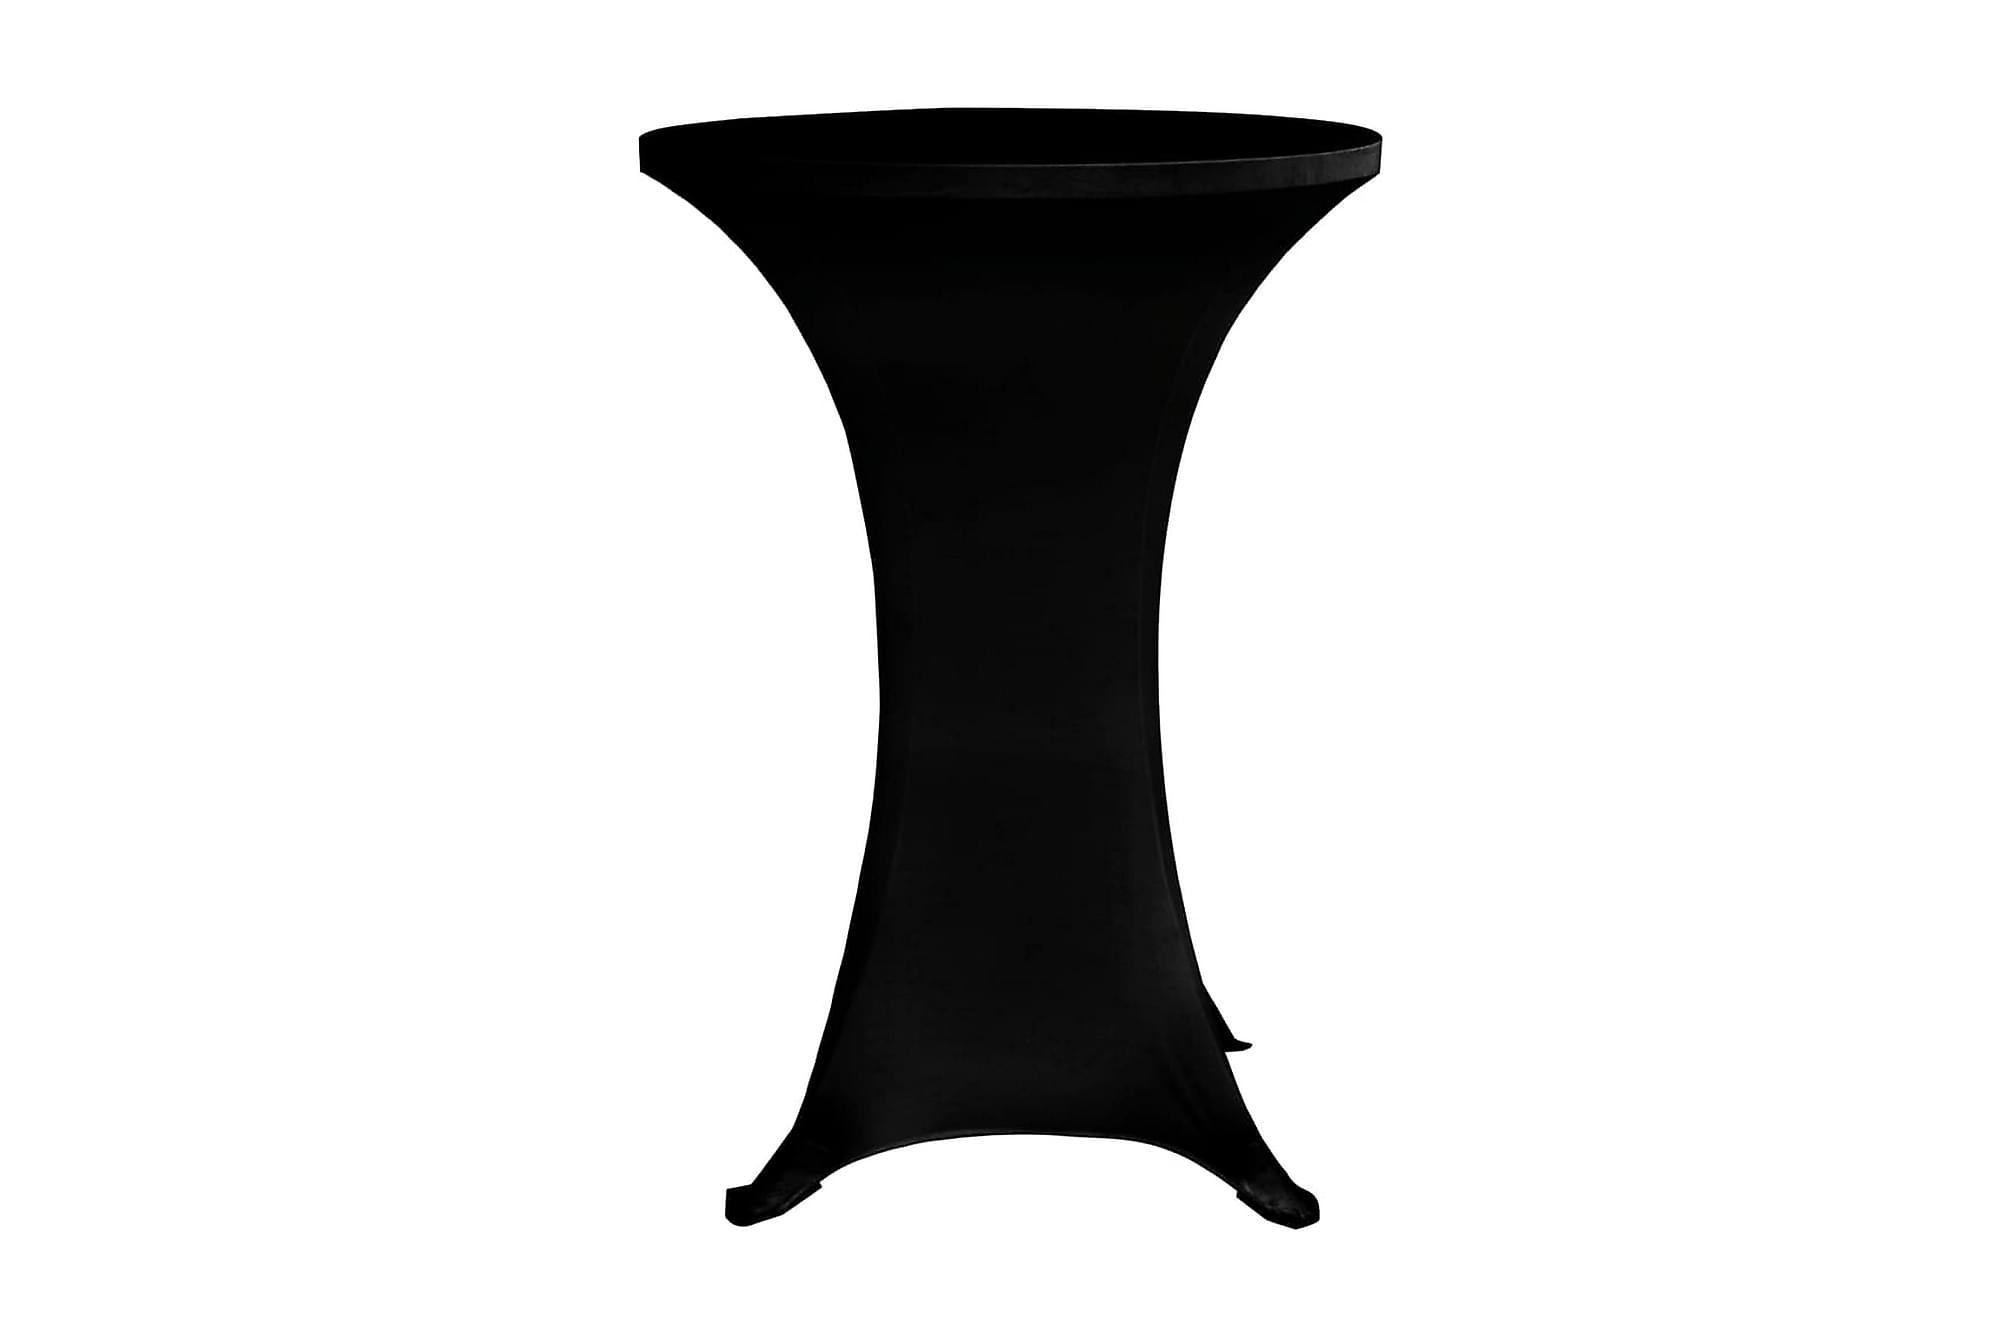 Överdrag till ståbord Ø70 cm svart stretch 4 st